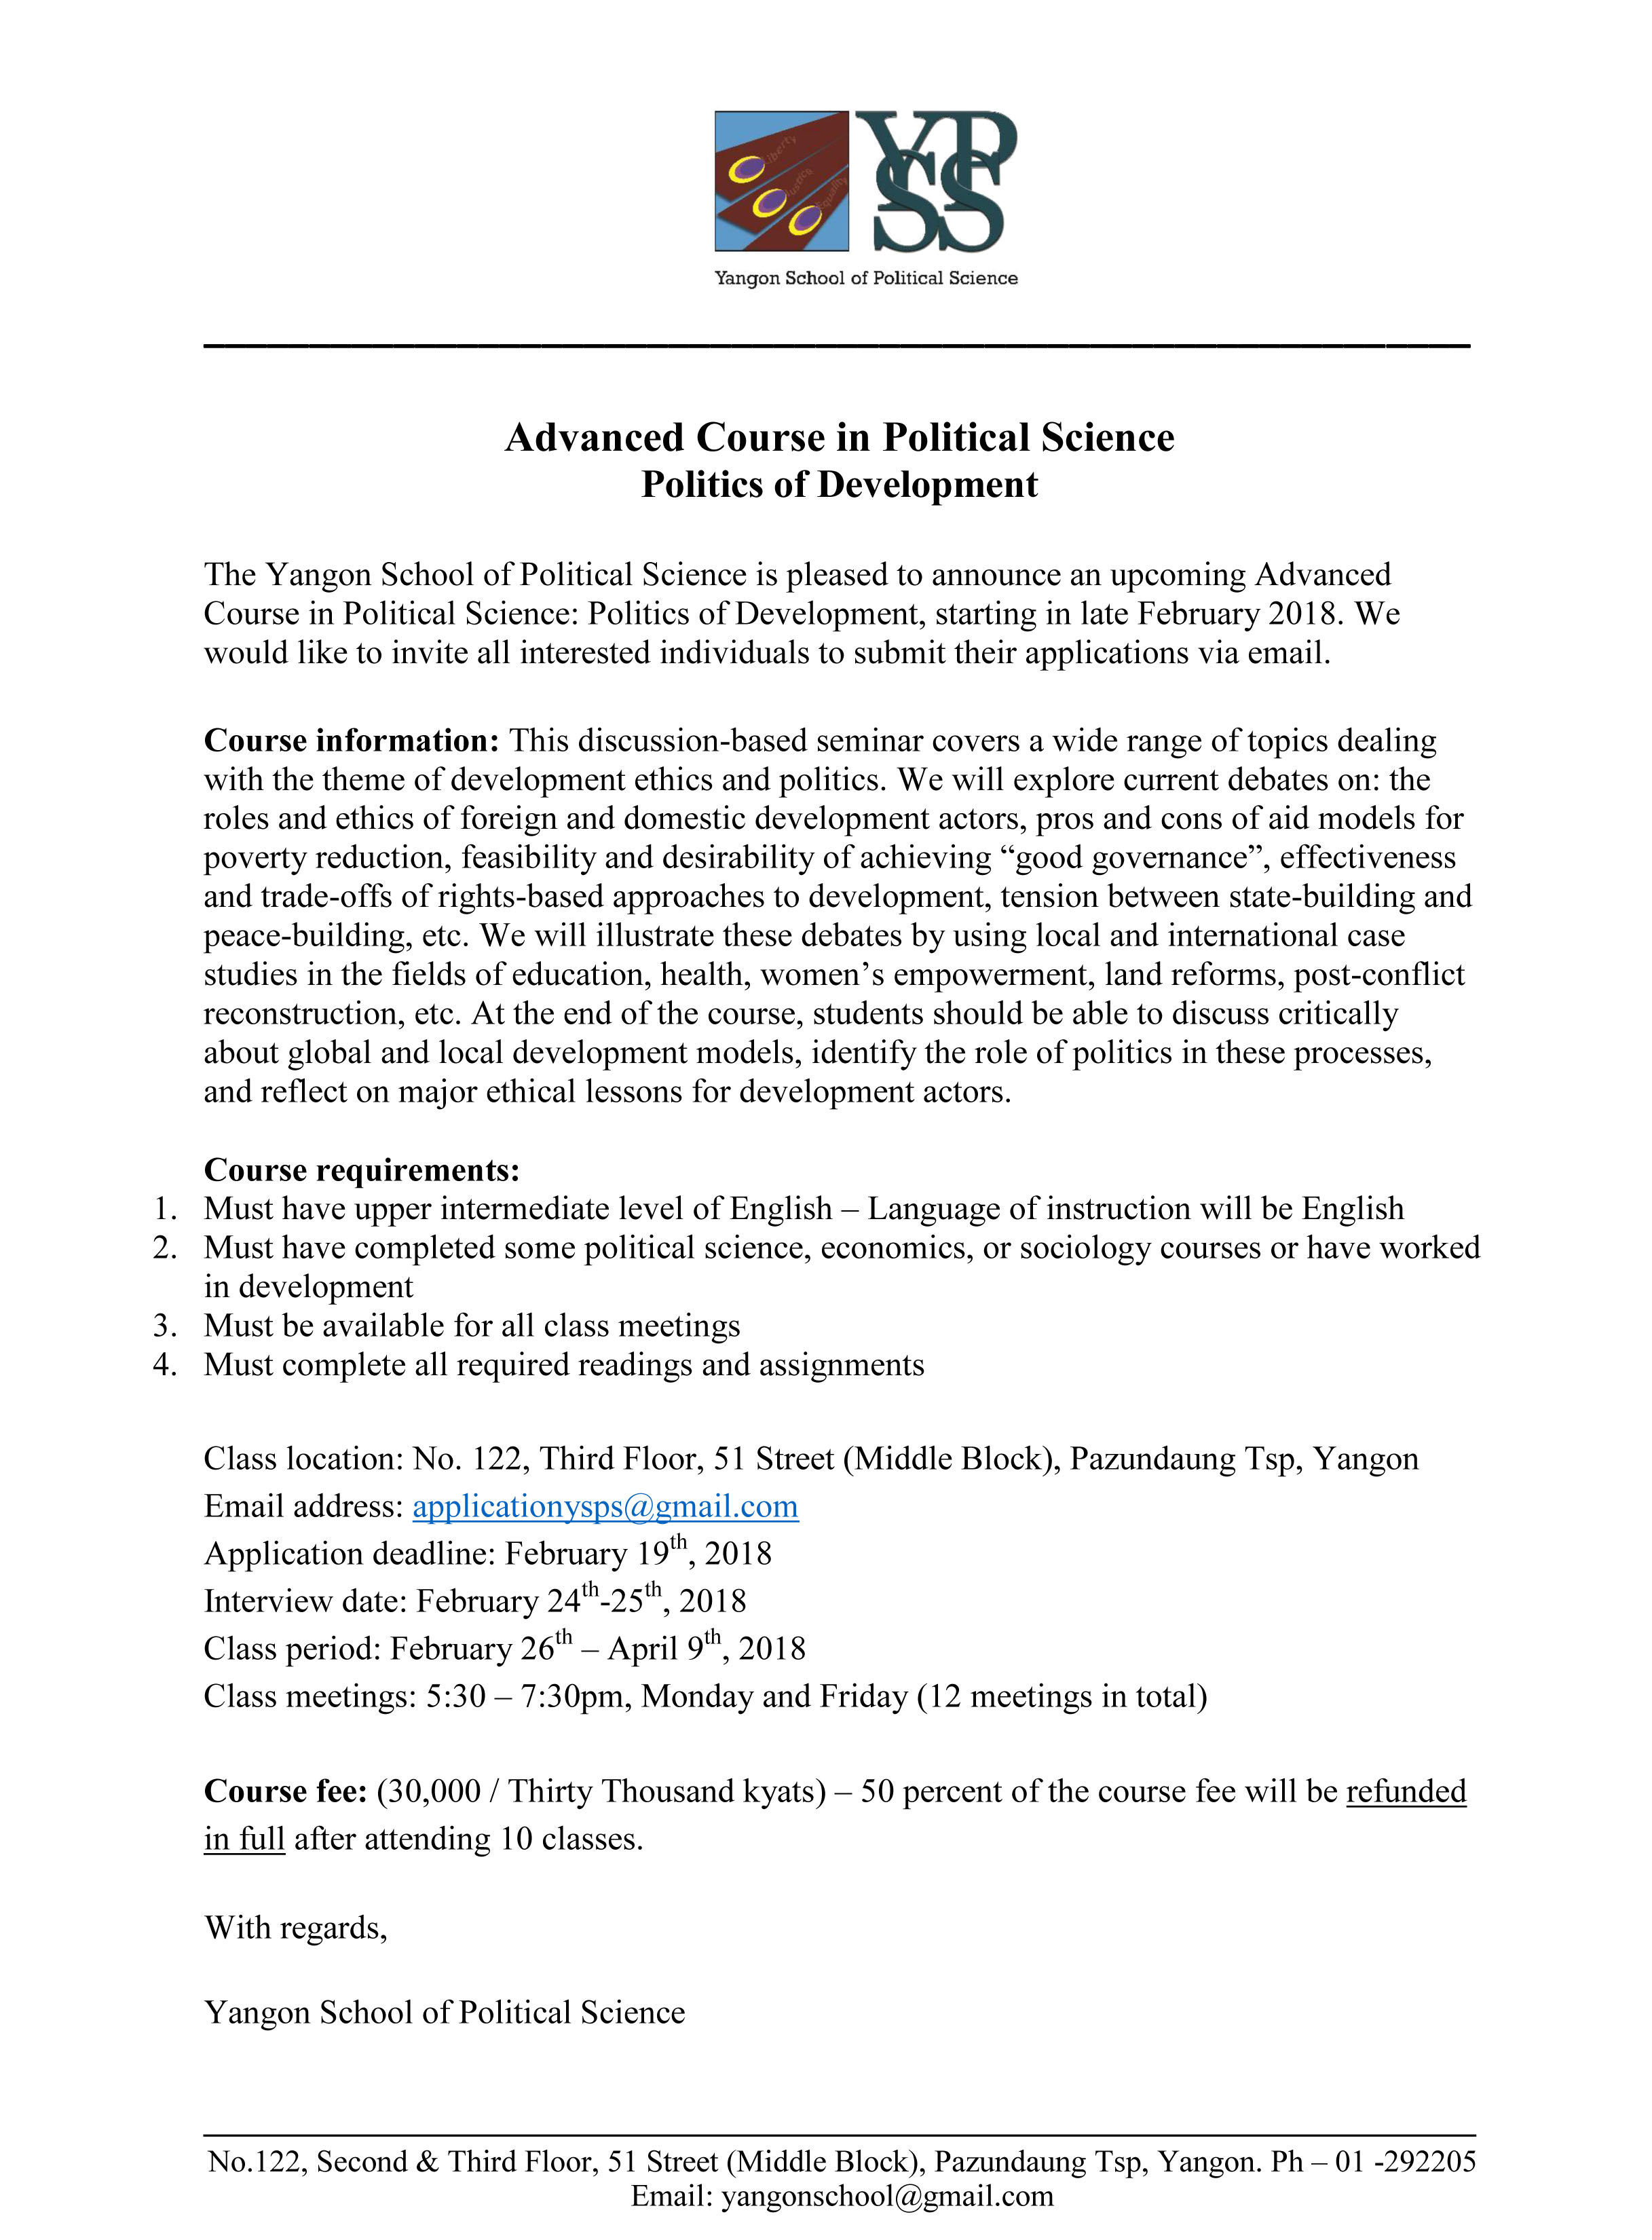 Advanced Course in Political Science: Politics of Development